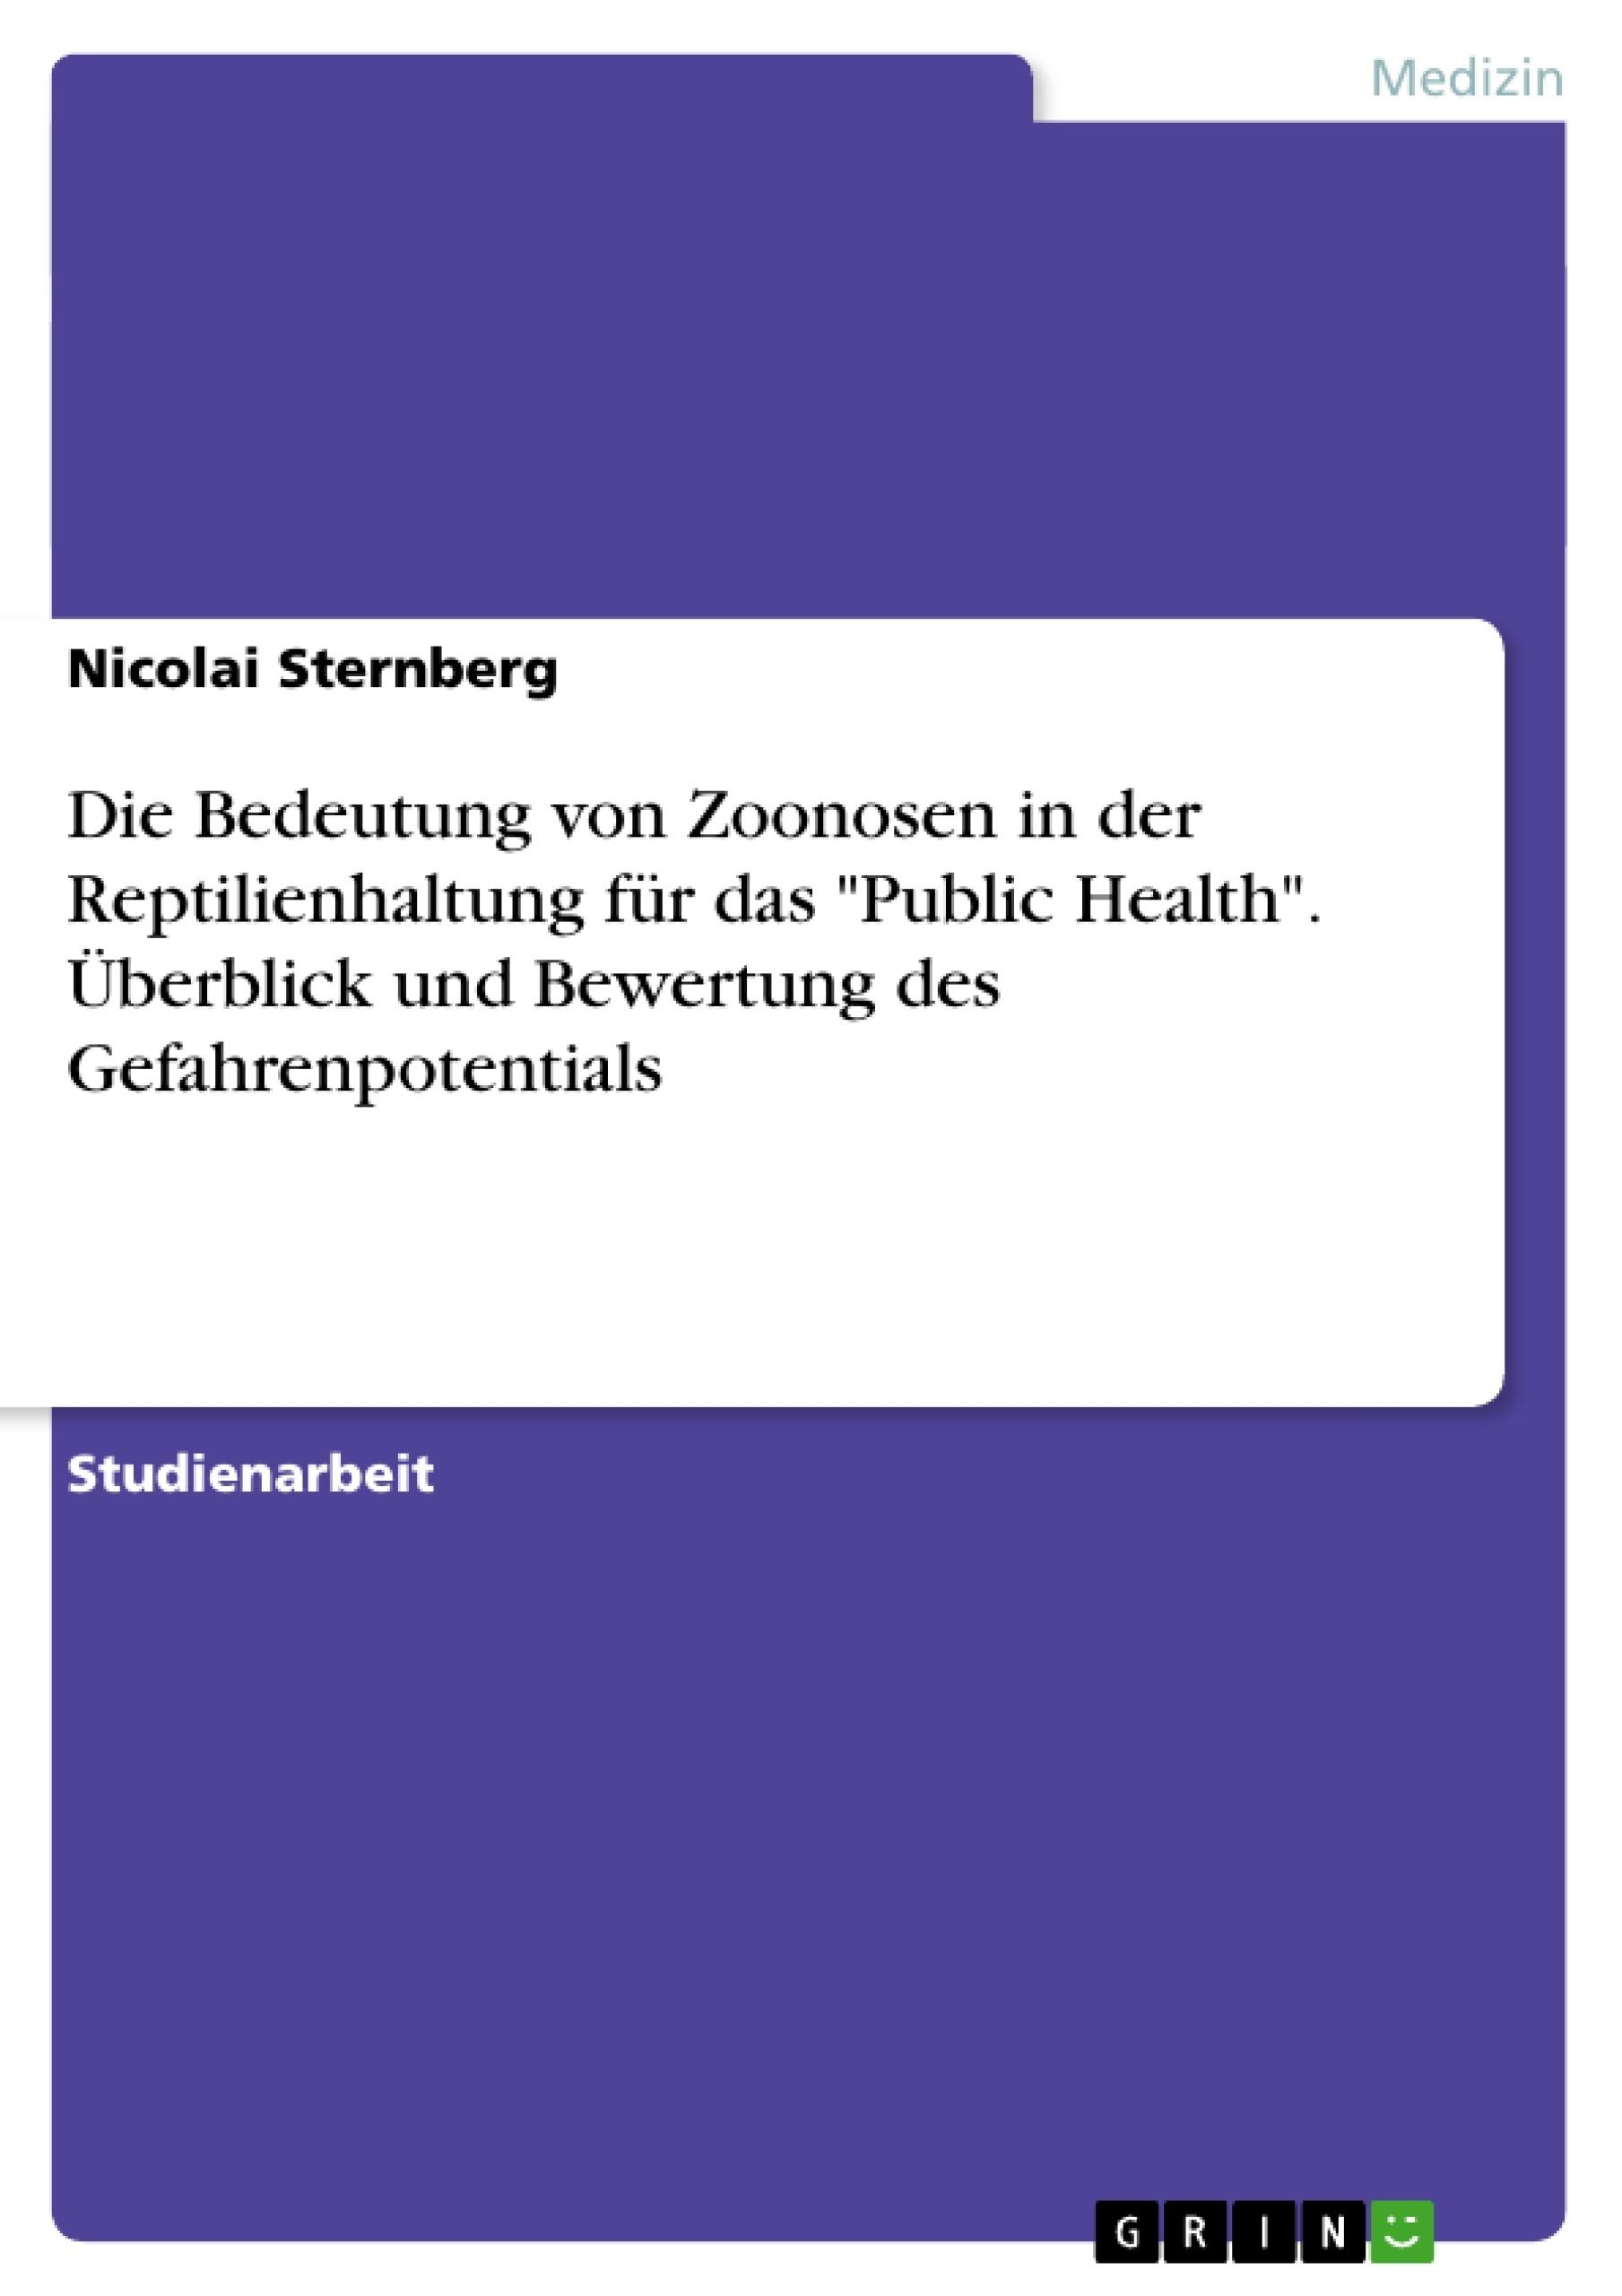 """Titel: Die Bedeutung von Zoonosen in der Reptilienhaltung für das """"Public Health"""". Überblick und Bewertung des Gefahrenpotentials"""